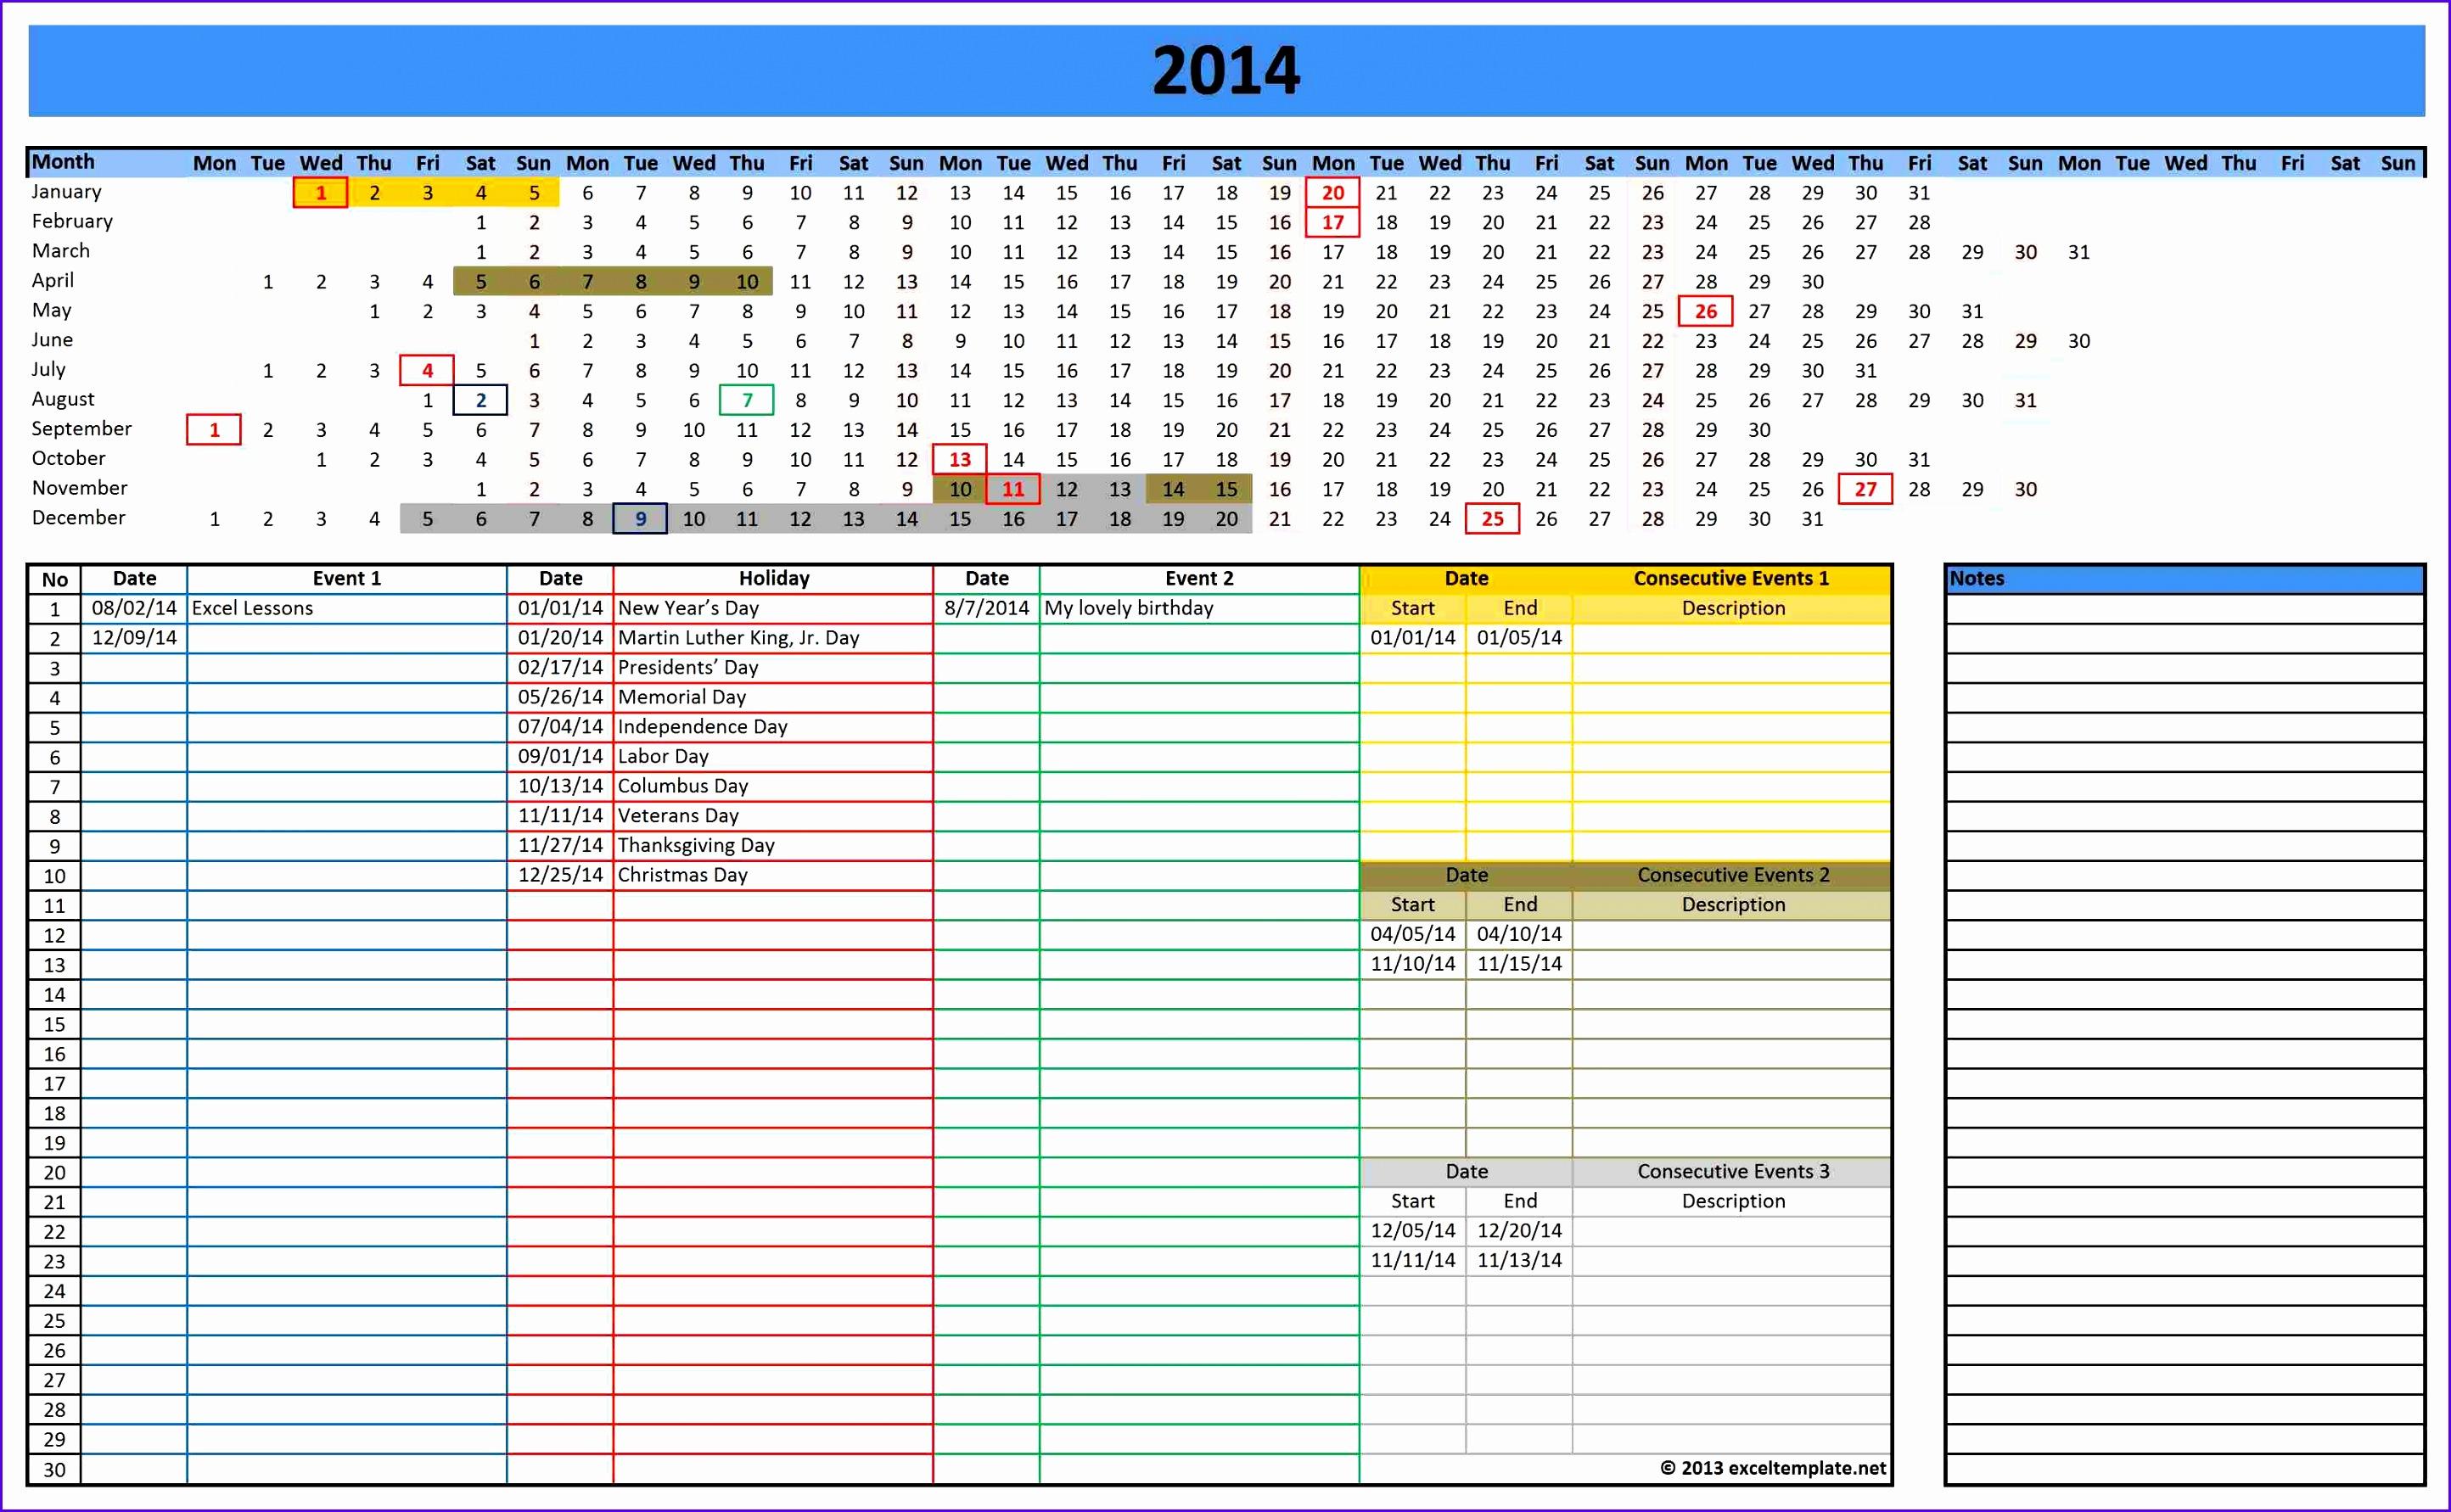 2014 Calendar Excel Template Dalarcon 28881782